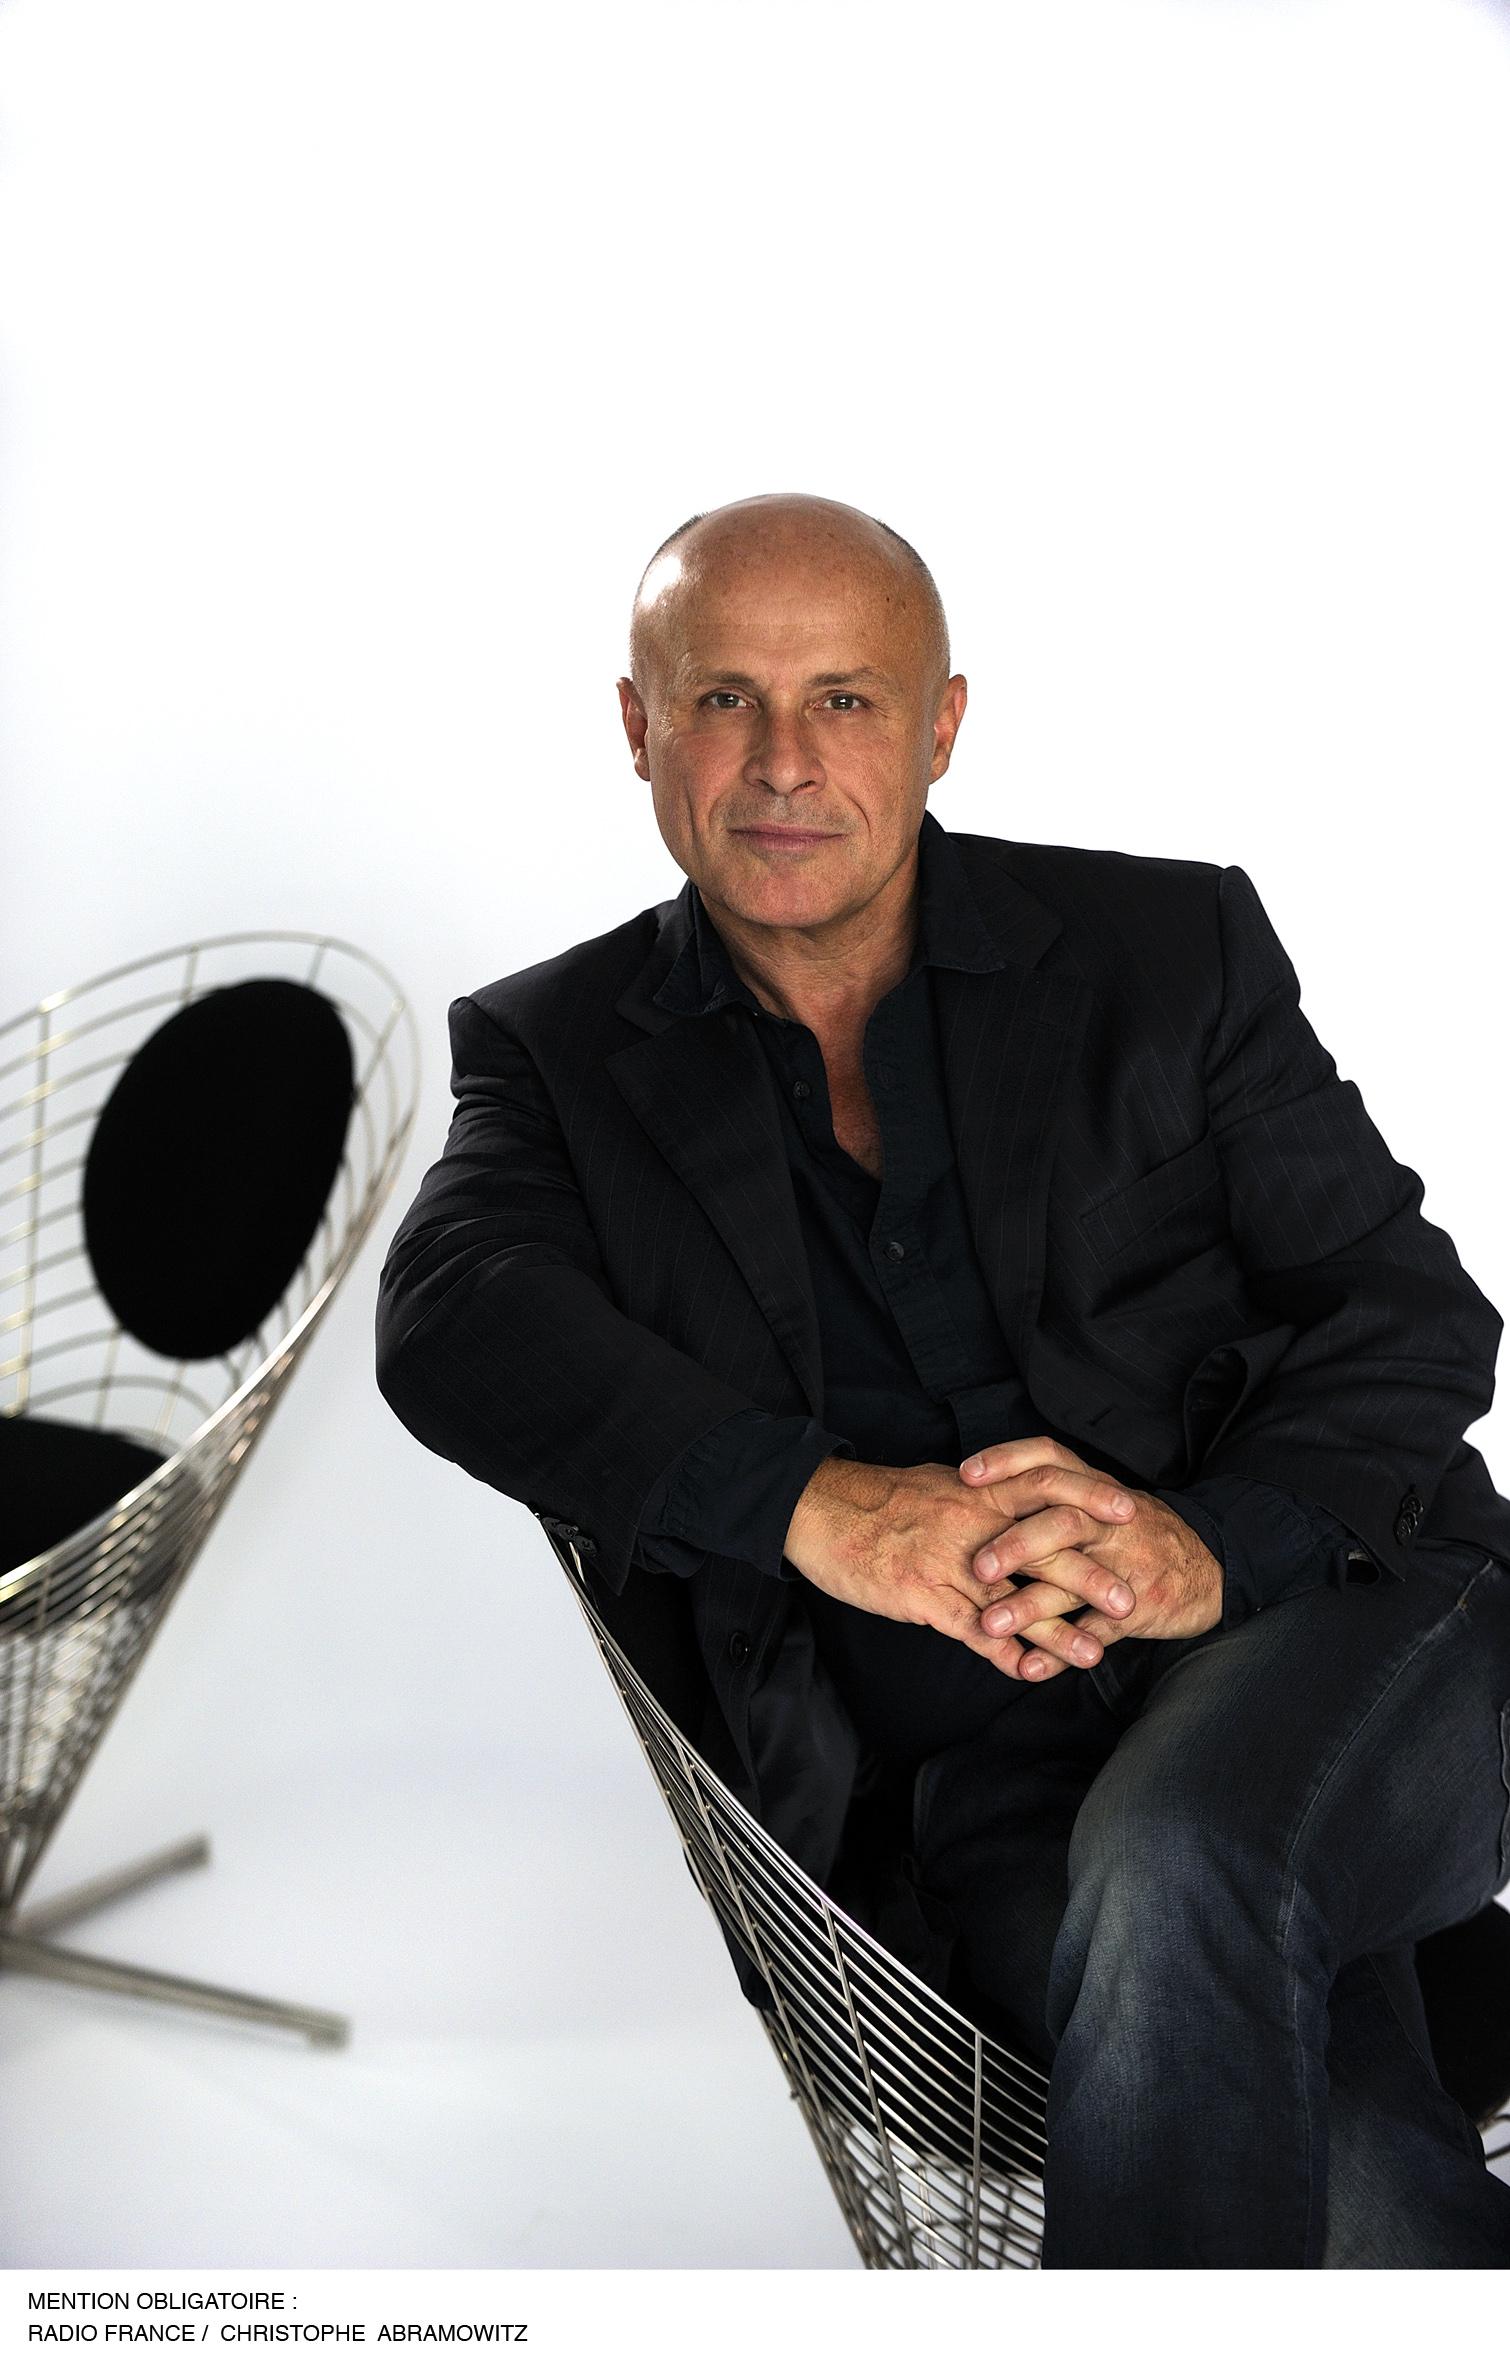 Olivier Poivre d'Arvor veut faire une radio plus proche des jeunes, plus proche des mouvements de l'époque.